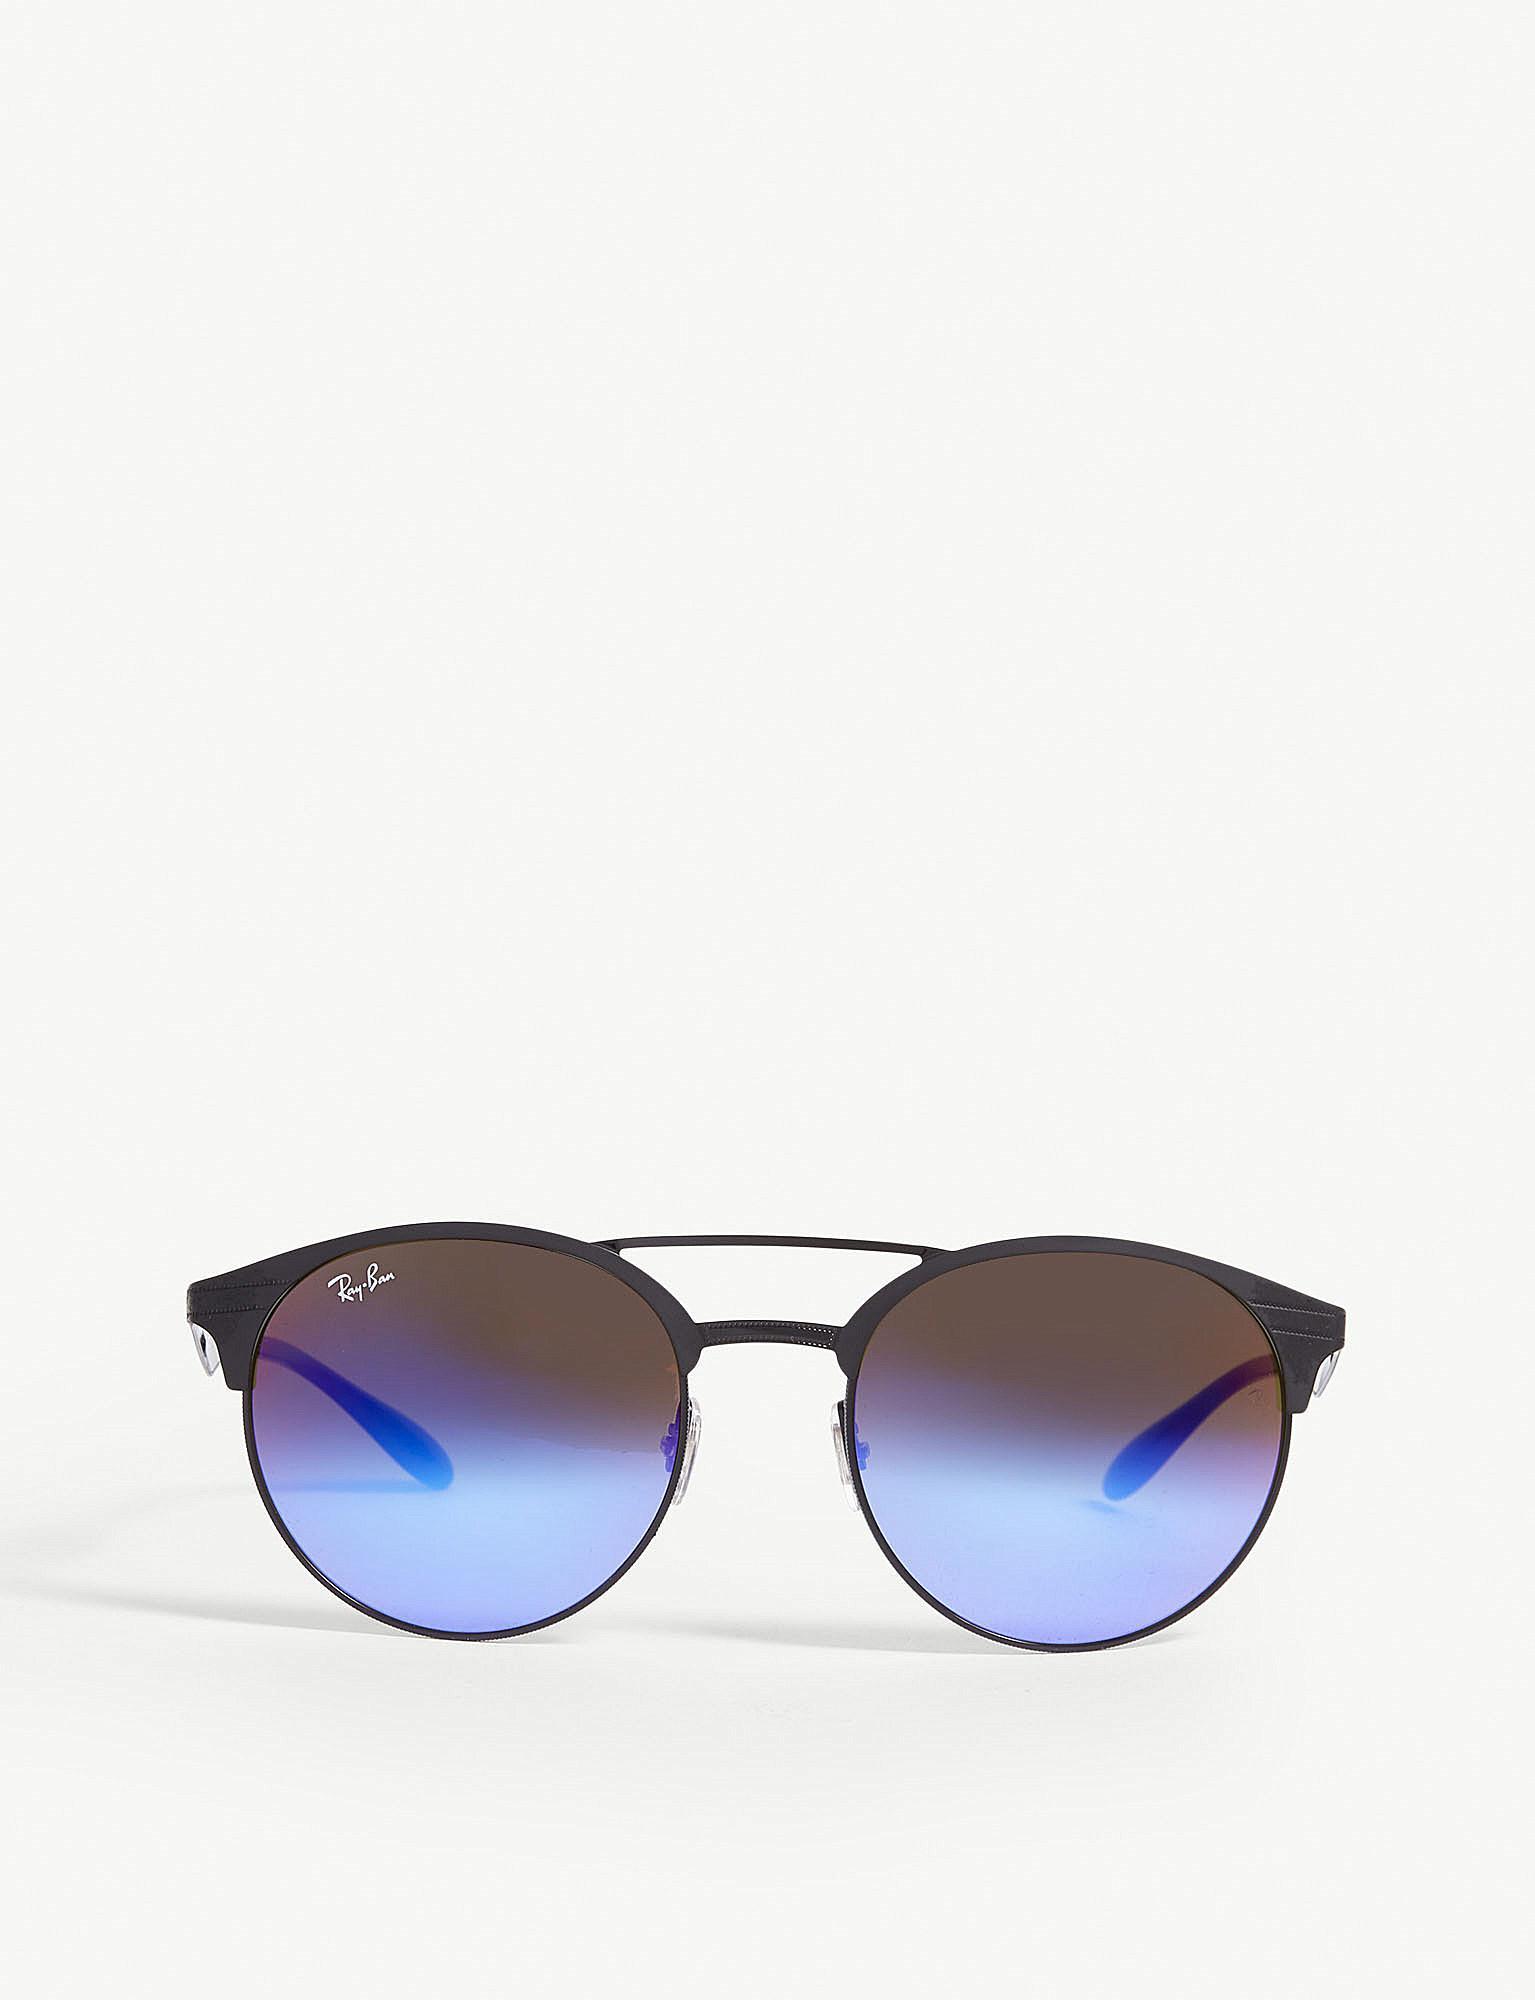 1f70ddec68 Ray-Ban Rb3545 Phantos-frame Sunglasses in Black - Lyst